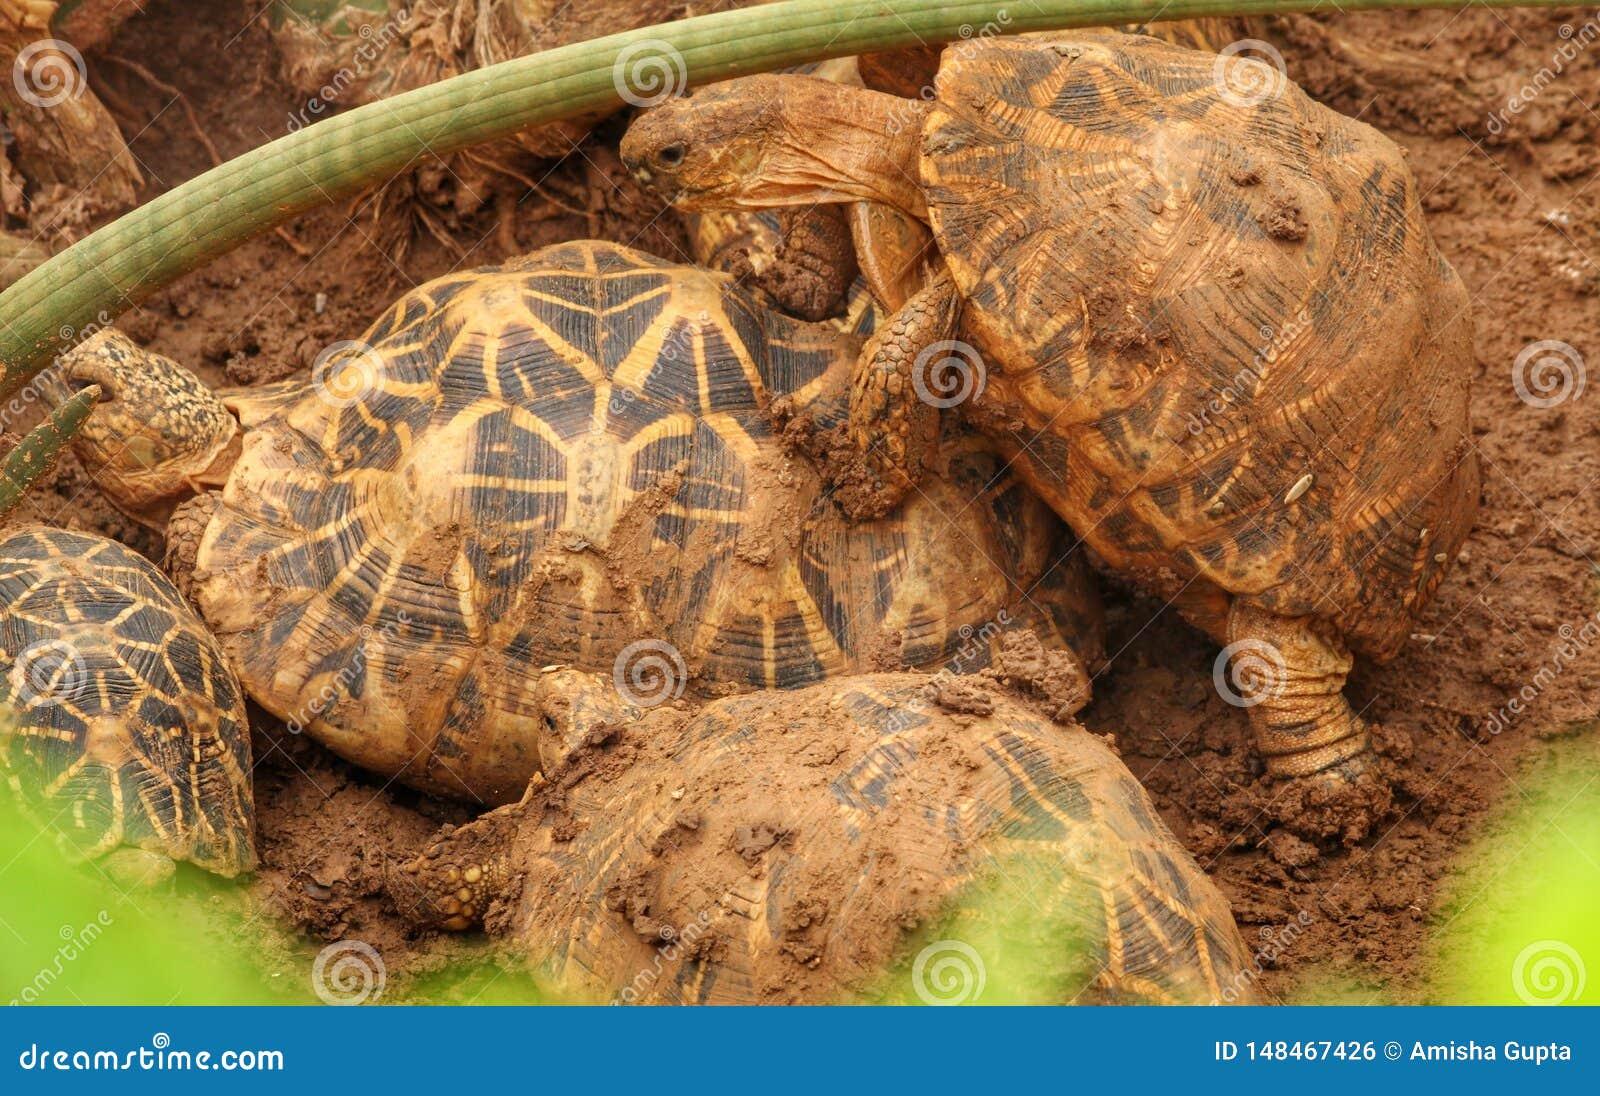 Schildkröten in der Decksaison